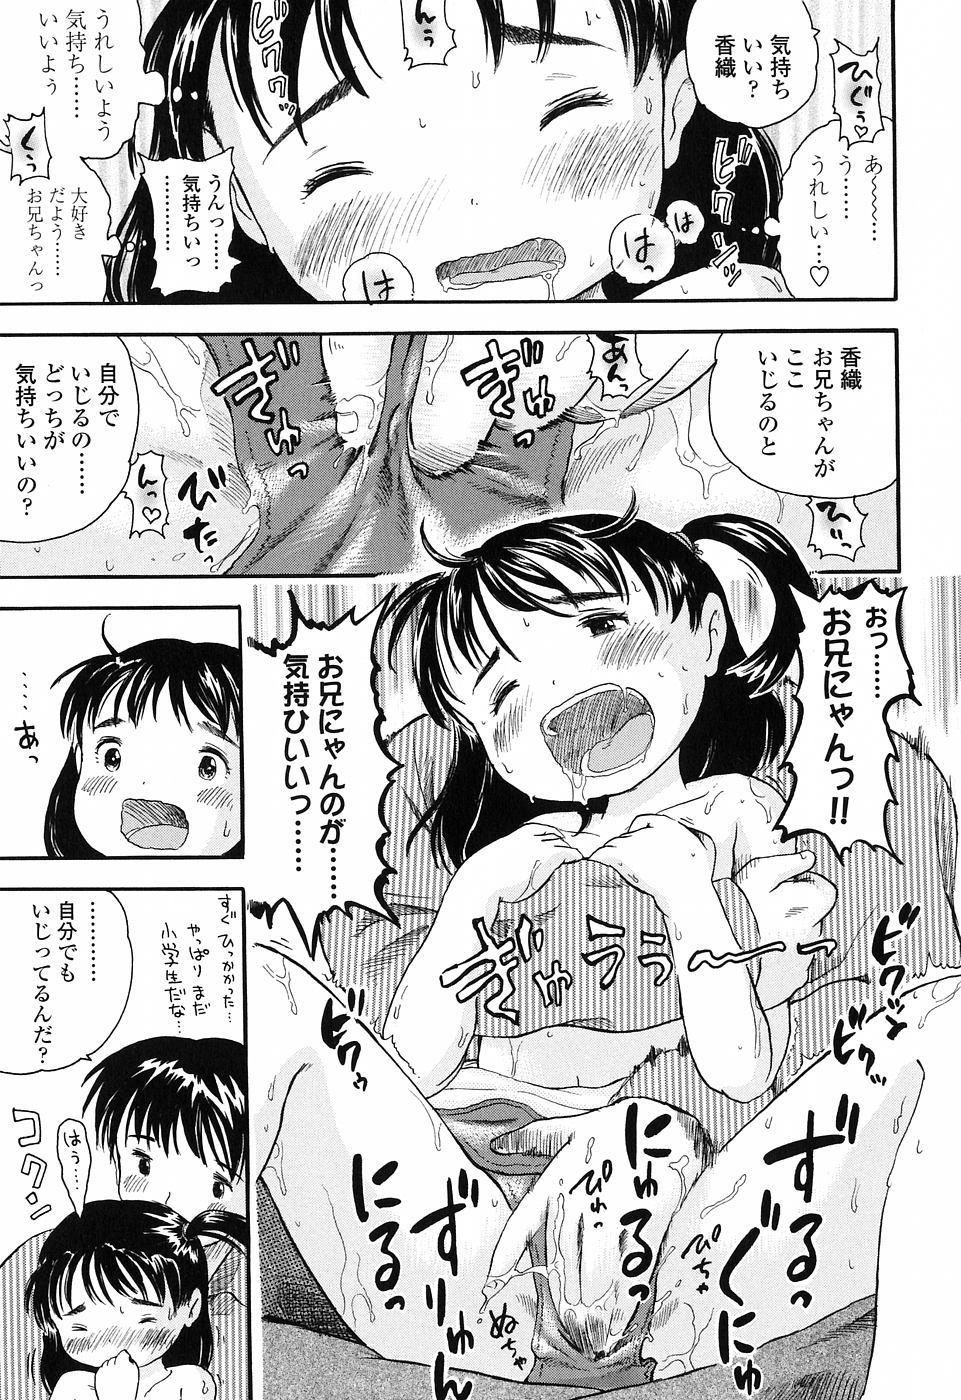 Koisuru Fukurami 152